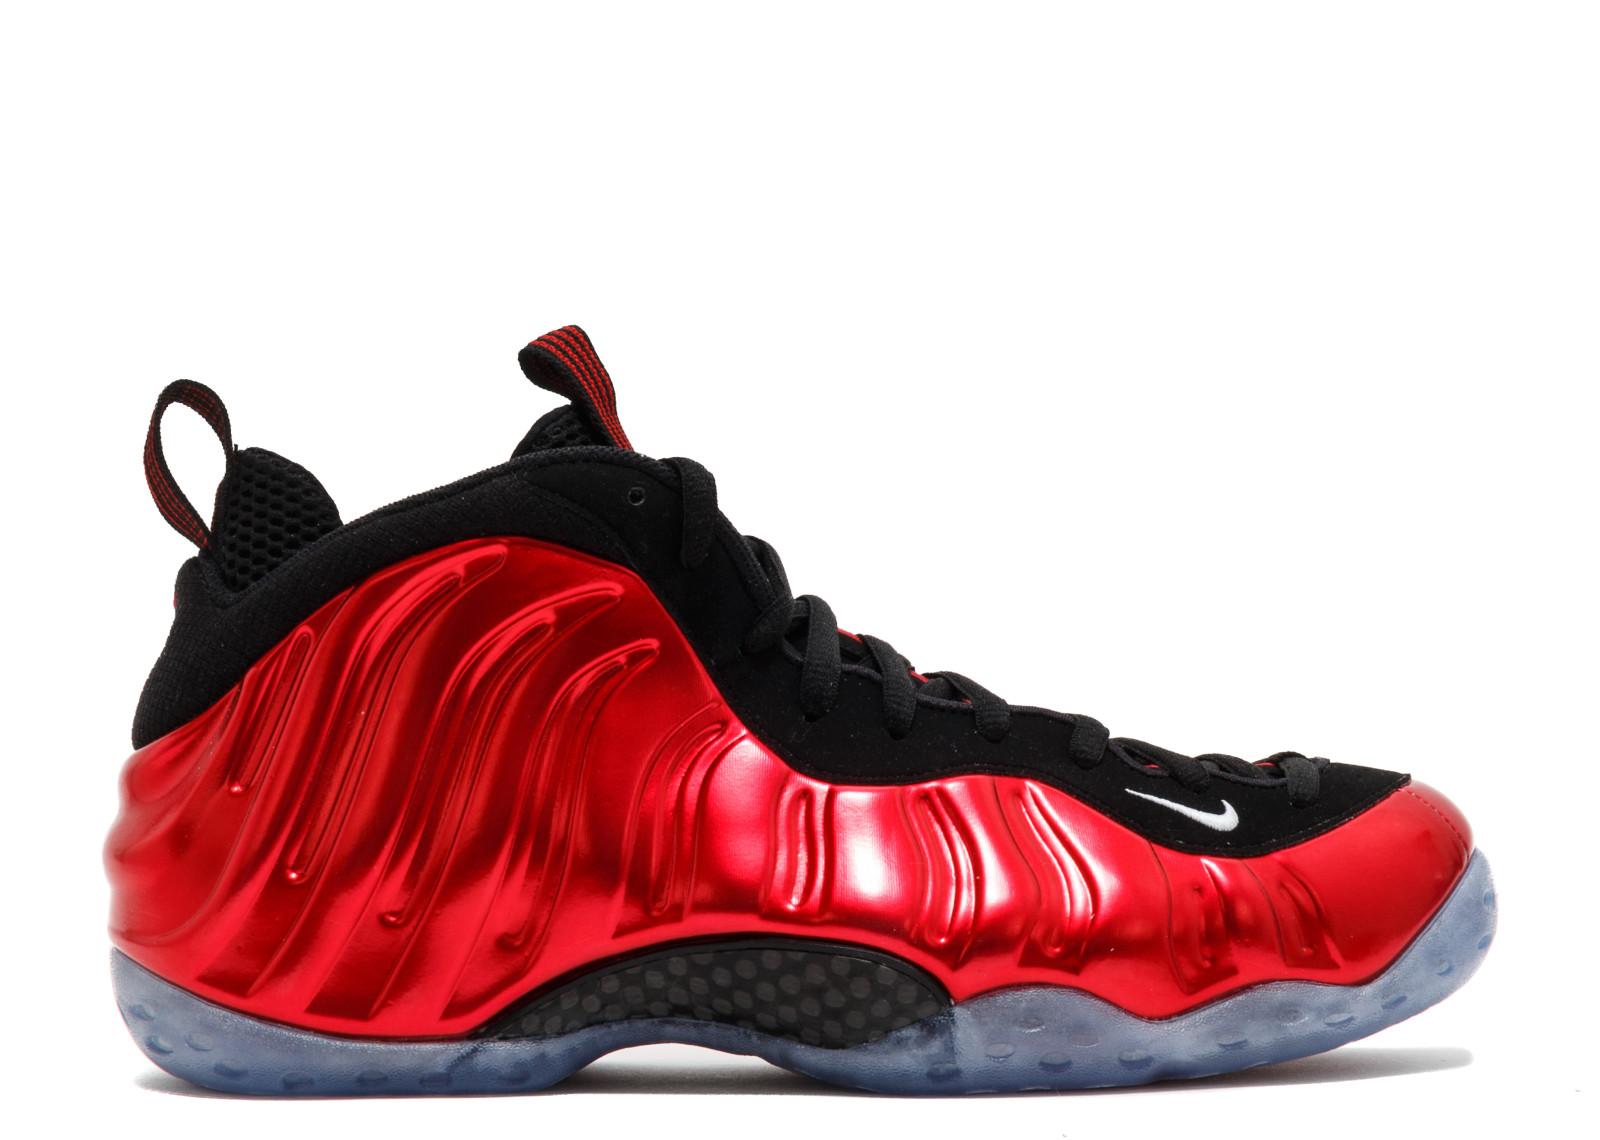 ナイキ エアー フォームポジット バーシティ メンズ 男性用 靴 メンズ靴 スニーカー 【 NIKE AIR FOAMPOSITE ONE VARSITY RED WHITEBLACK 】